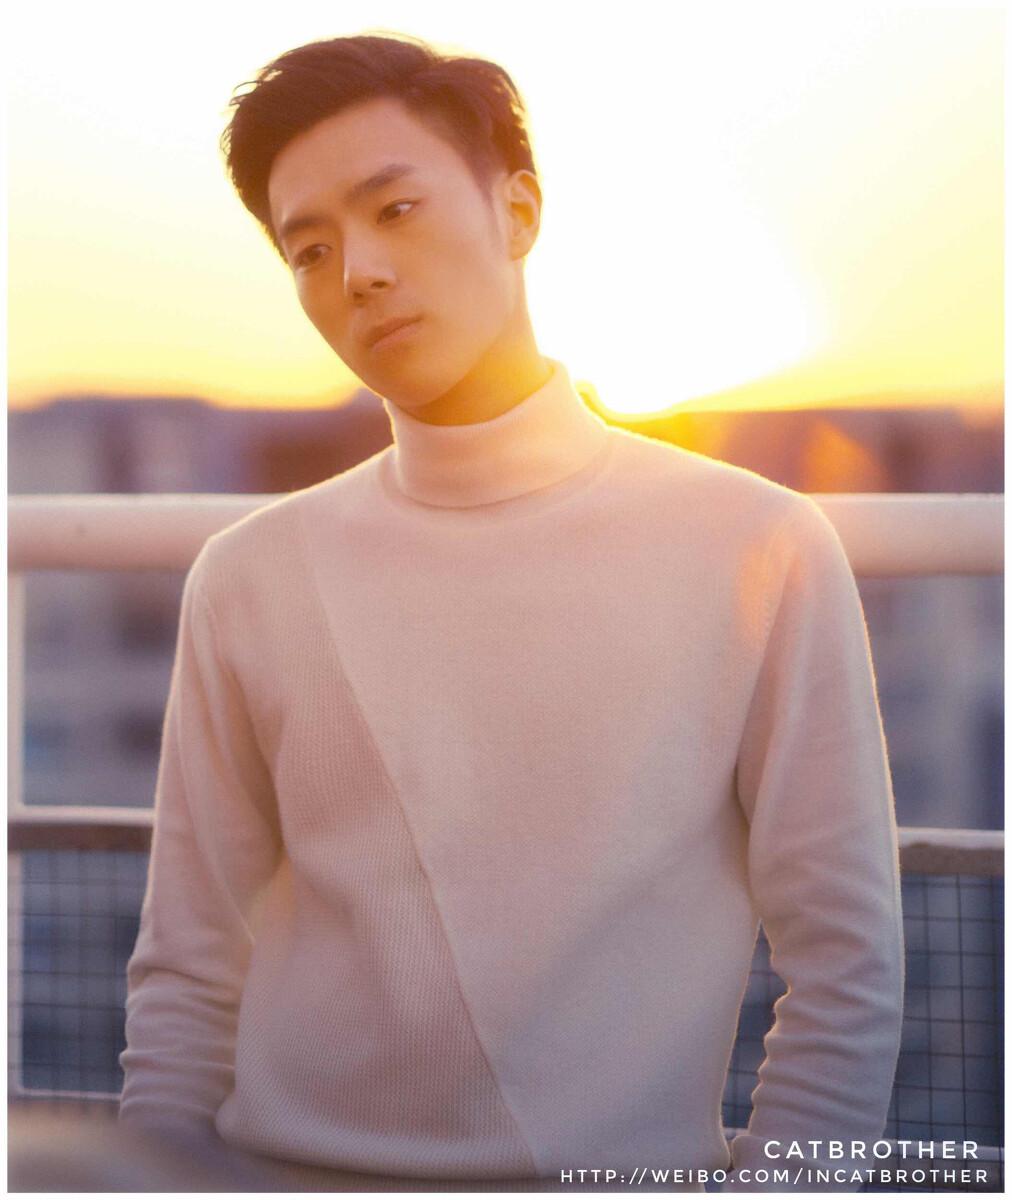 趁阳光正好 - 人像, 北京约拍, 侧颜, 佳能, 城市,